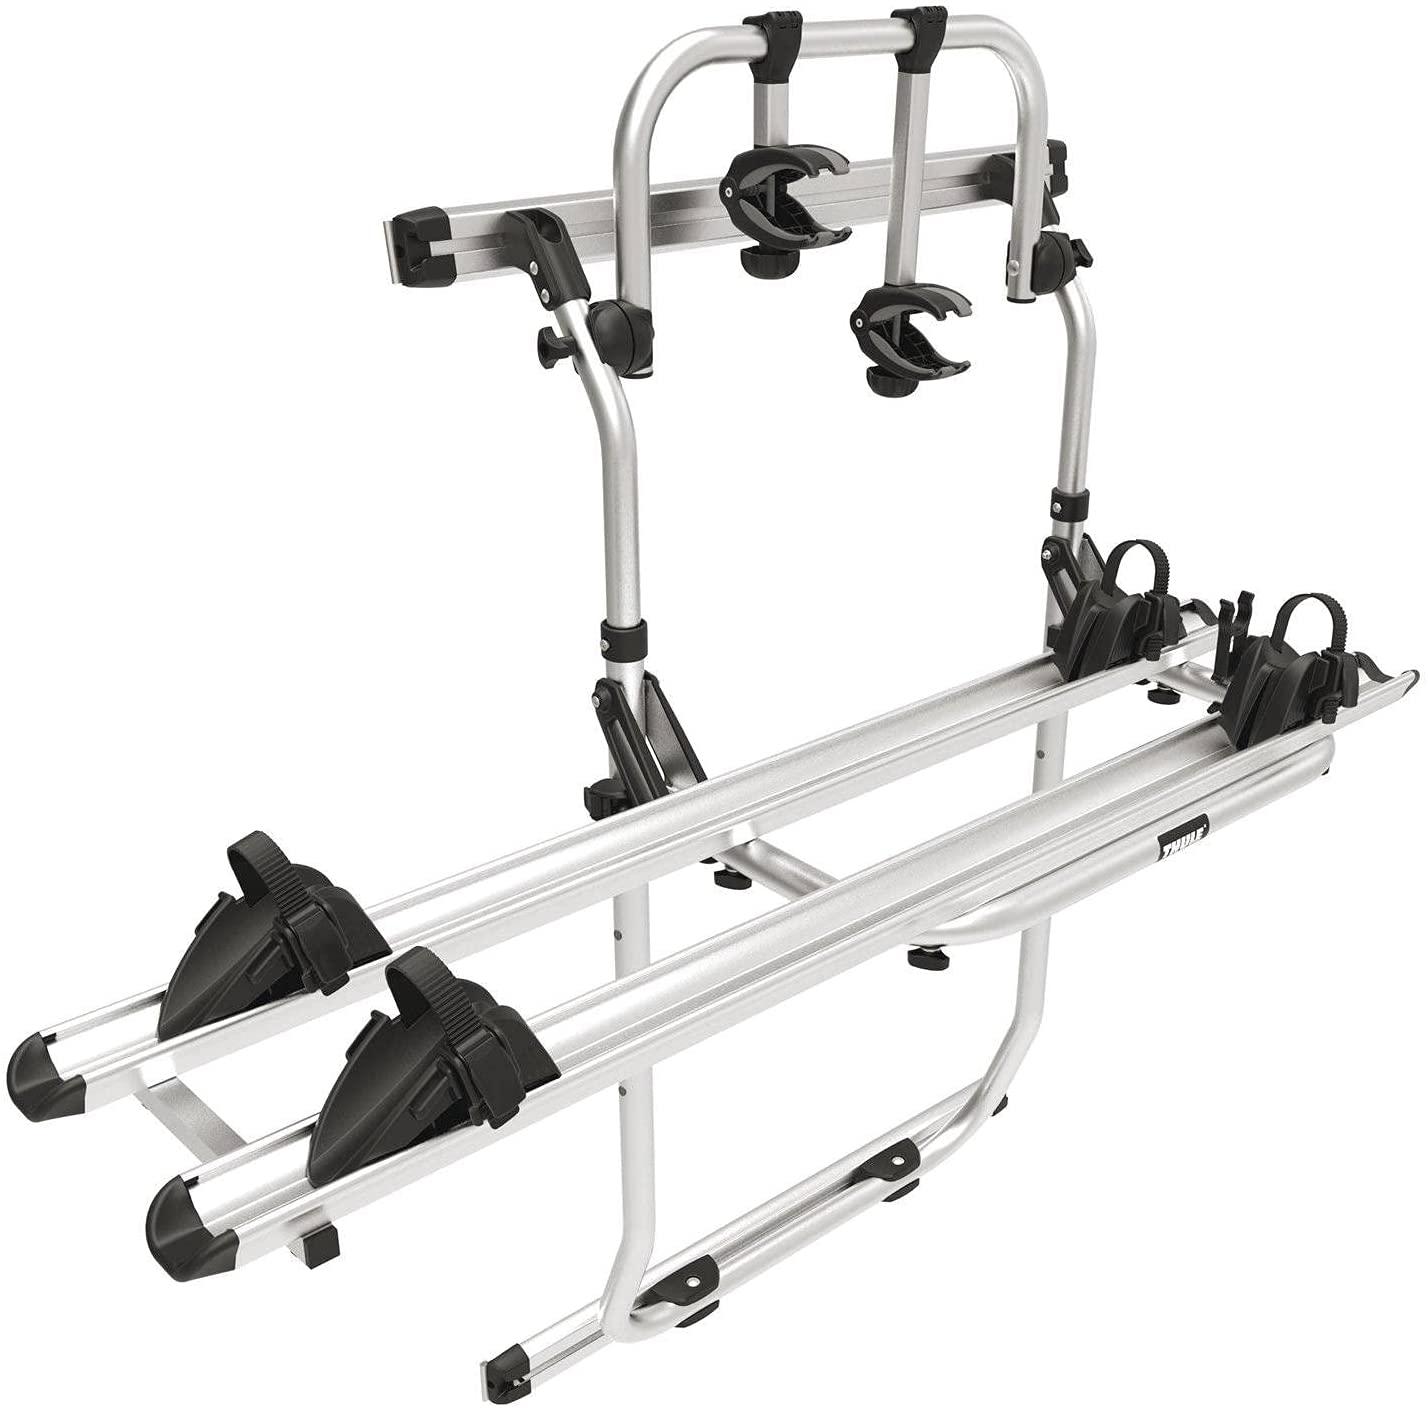 Porte velos omni bike ducato a partir de 2007 - Porte velo electrique pour camping car ...